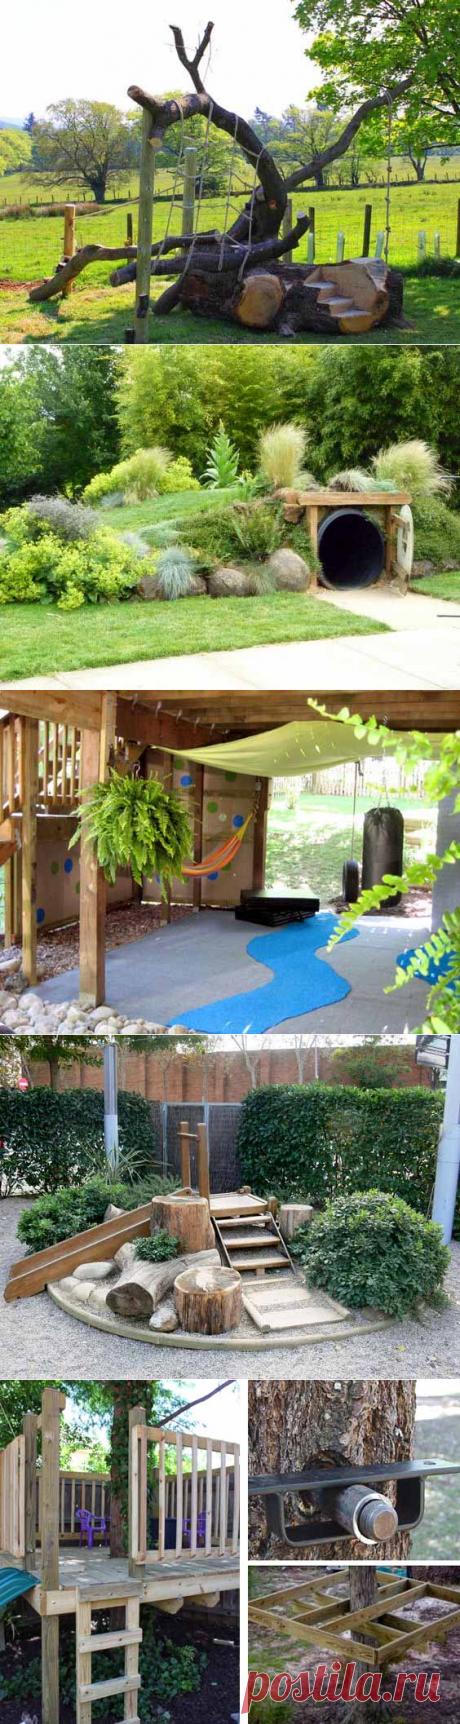 Детская площадка своими руками: 75 замечательных идей (+)